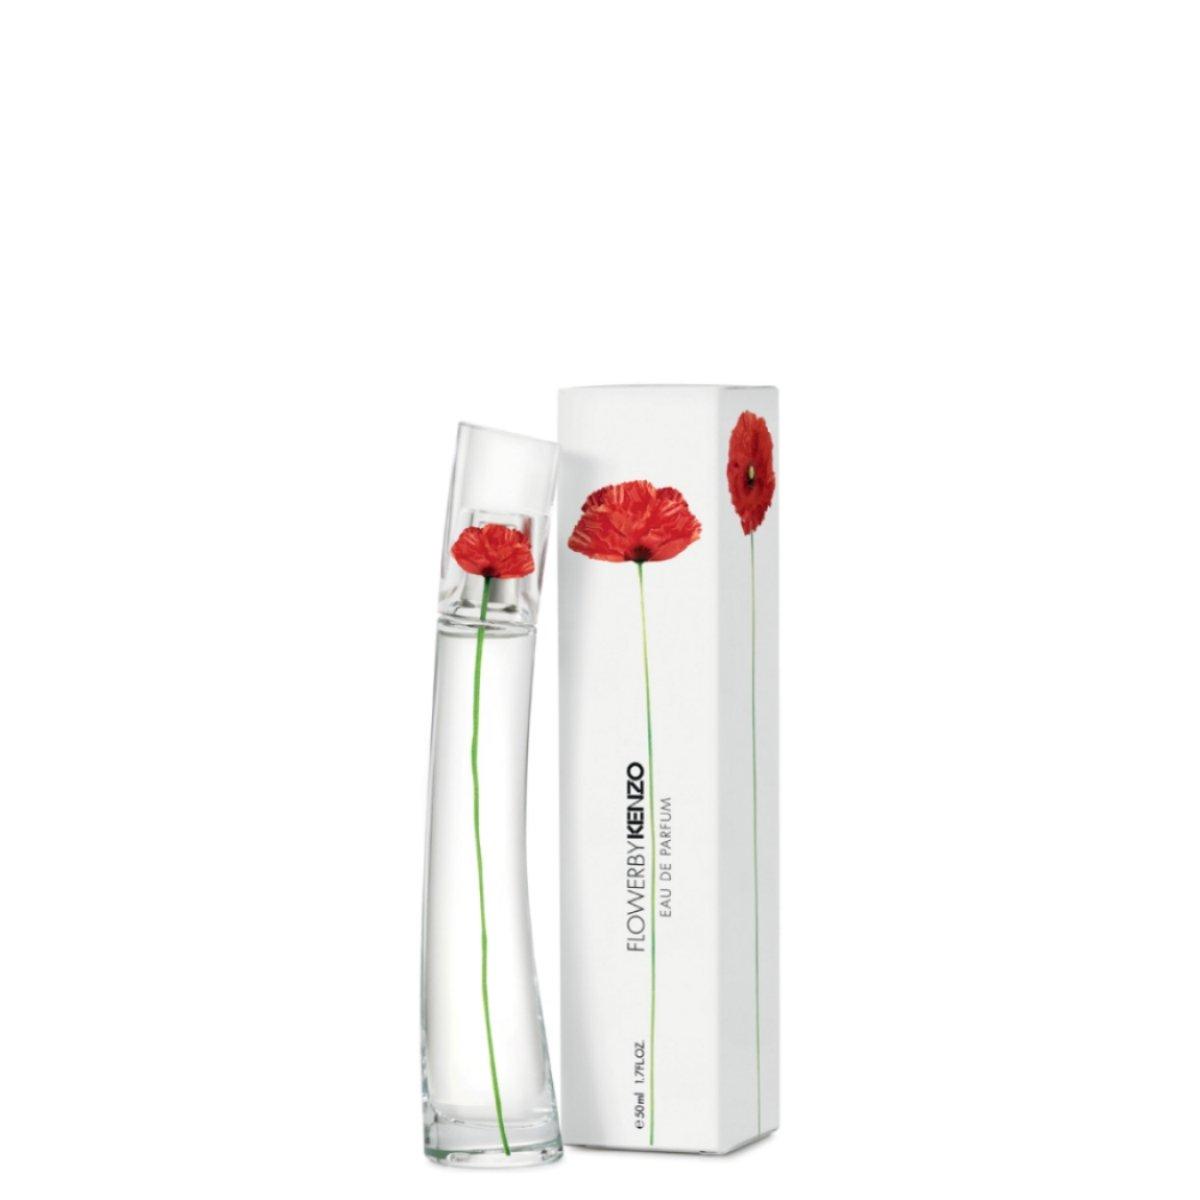 Kenzo Flower By Kenzo Eau de Parfum 50ml